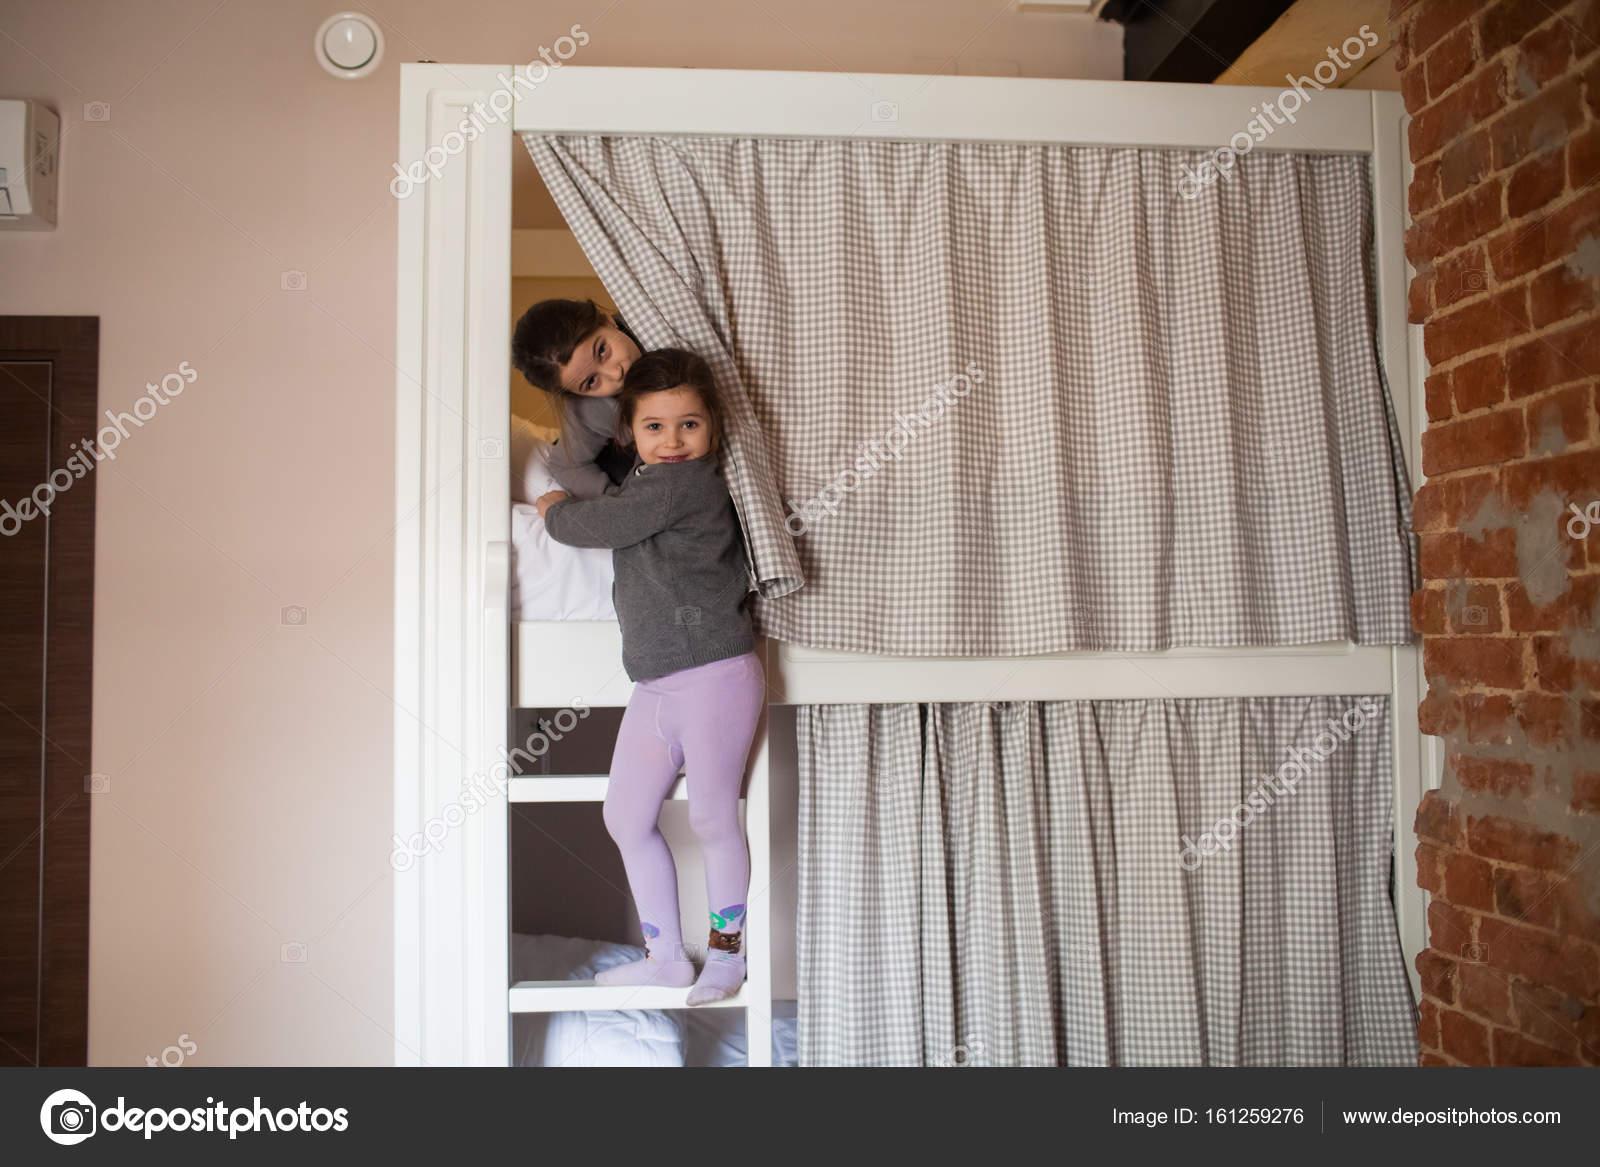 Etagenbett Junge Und Mädchen : Zwei junge mädchen auf etagenbett schlafen gehen u2014 stockfoto © laeda